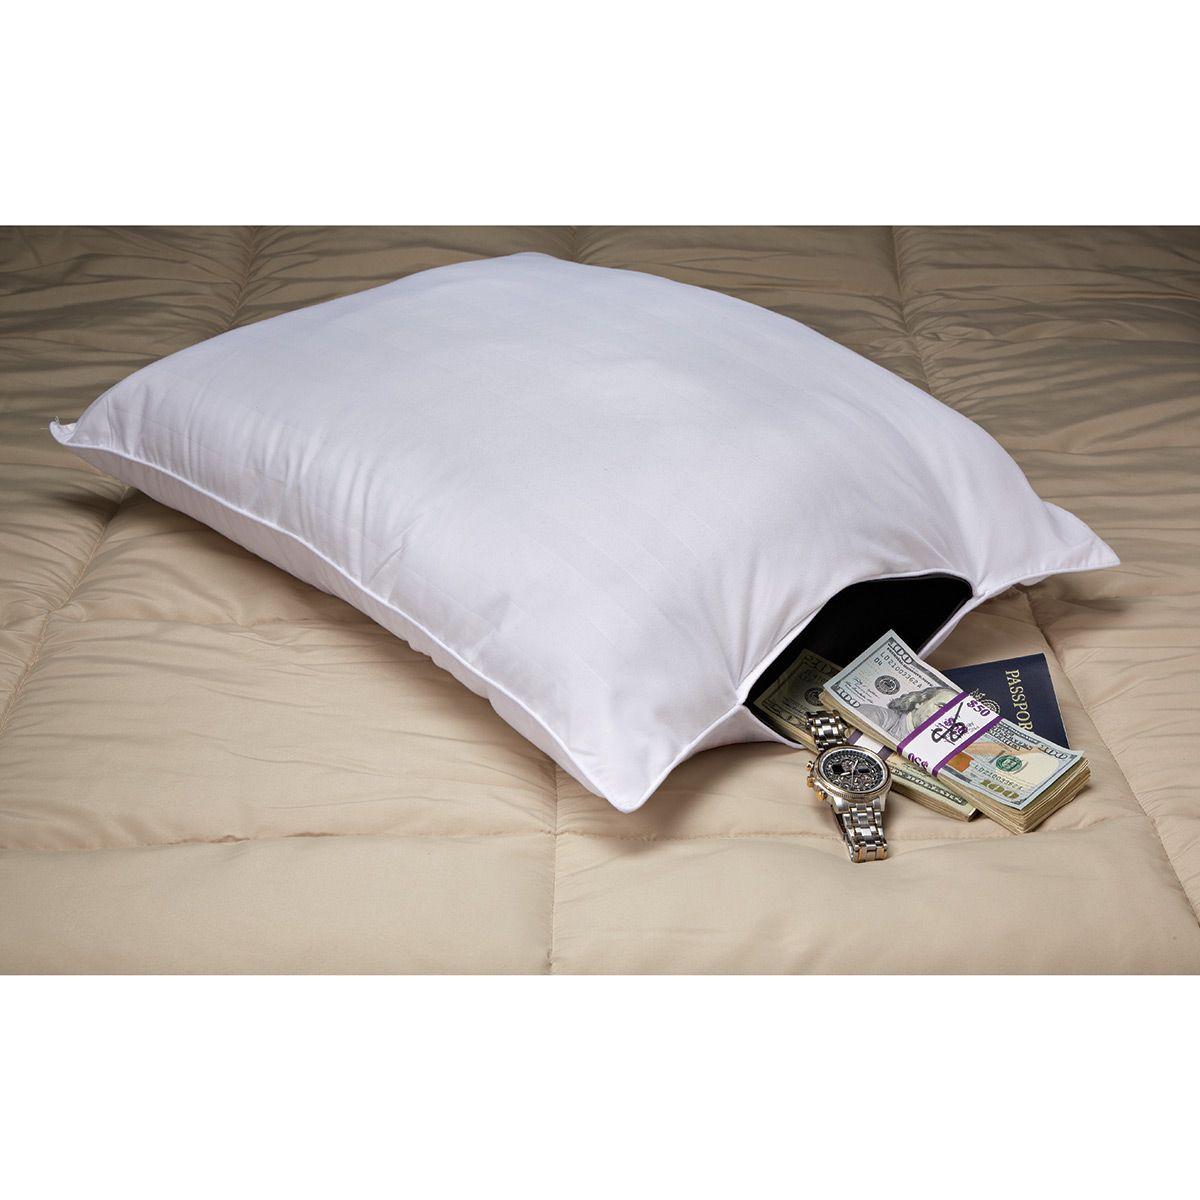 Pillow Safe